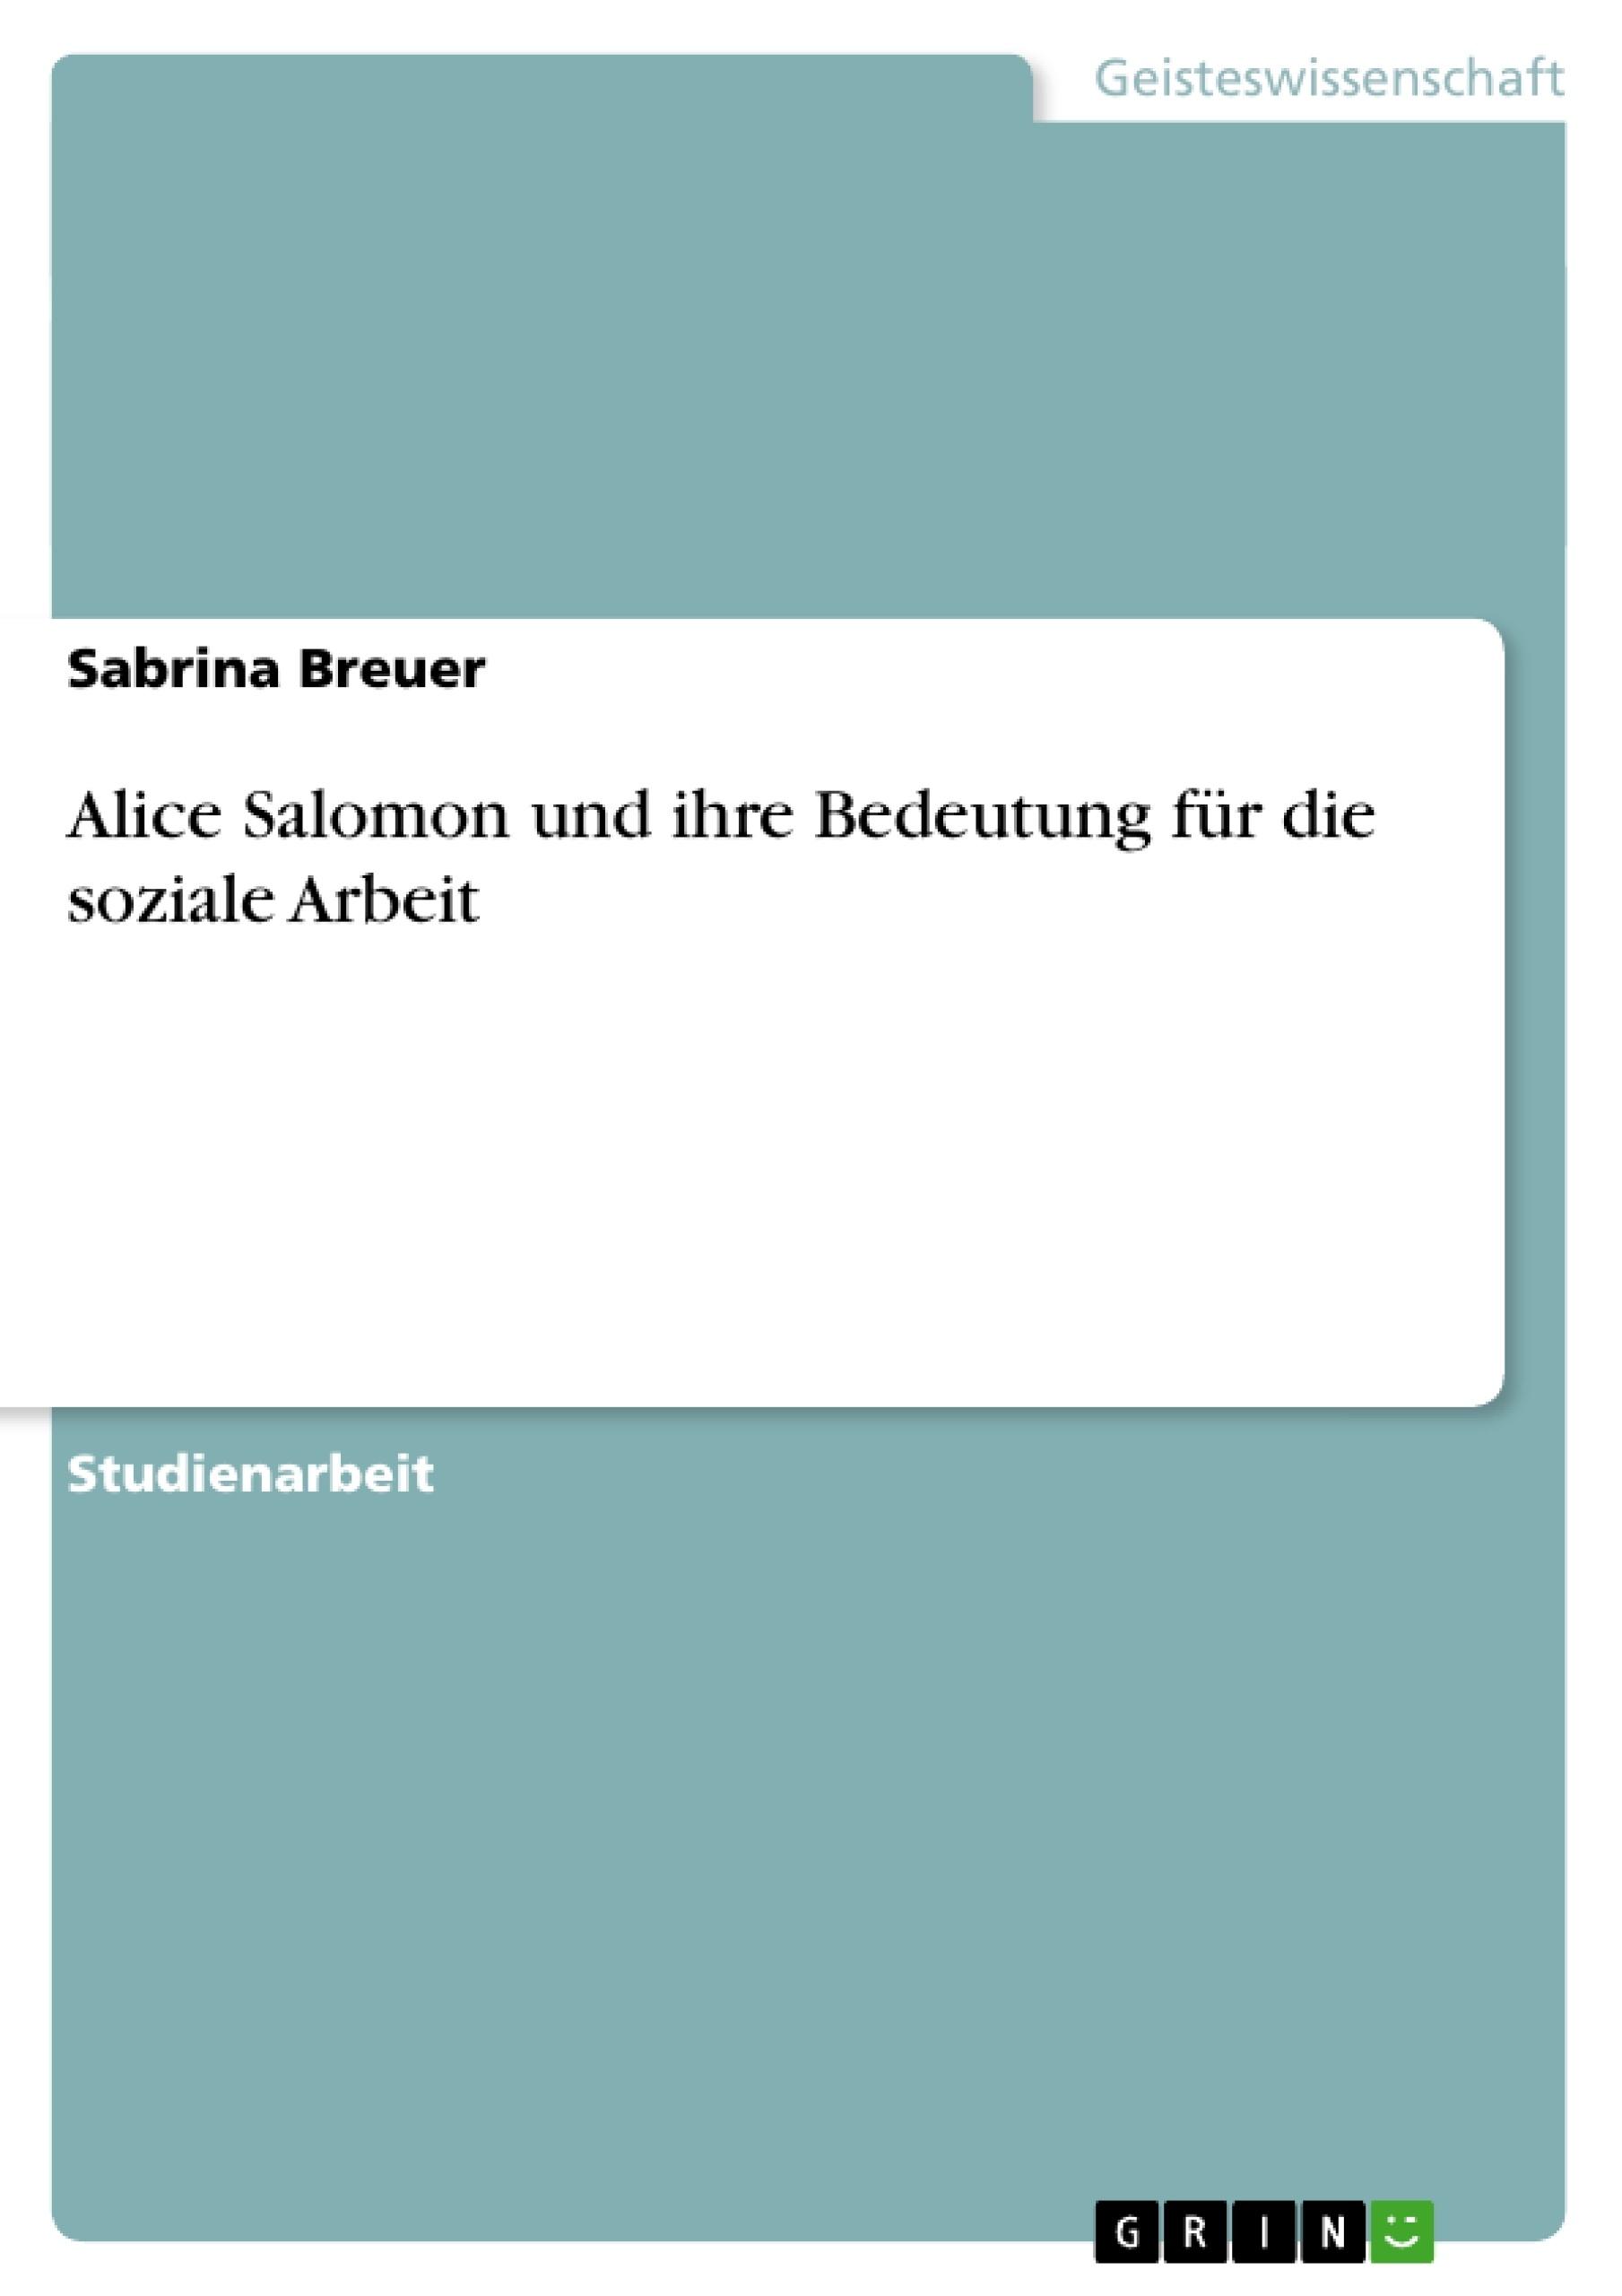 Groß Probe Lebenslauf Für Die Sozialarbeit Graduiertenschule Bilder ...